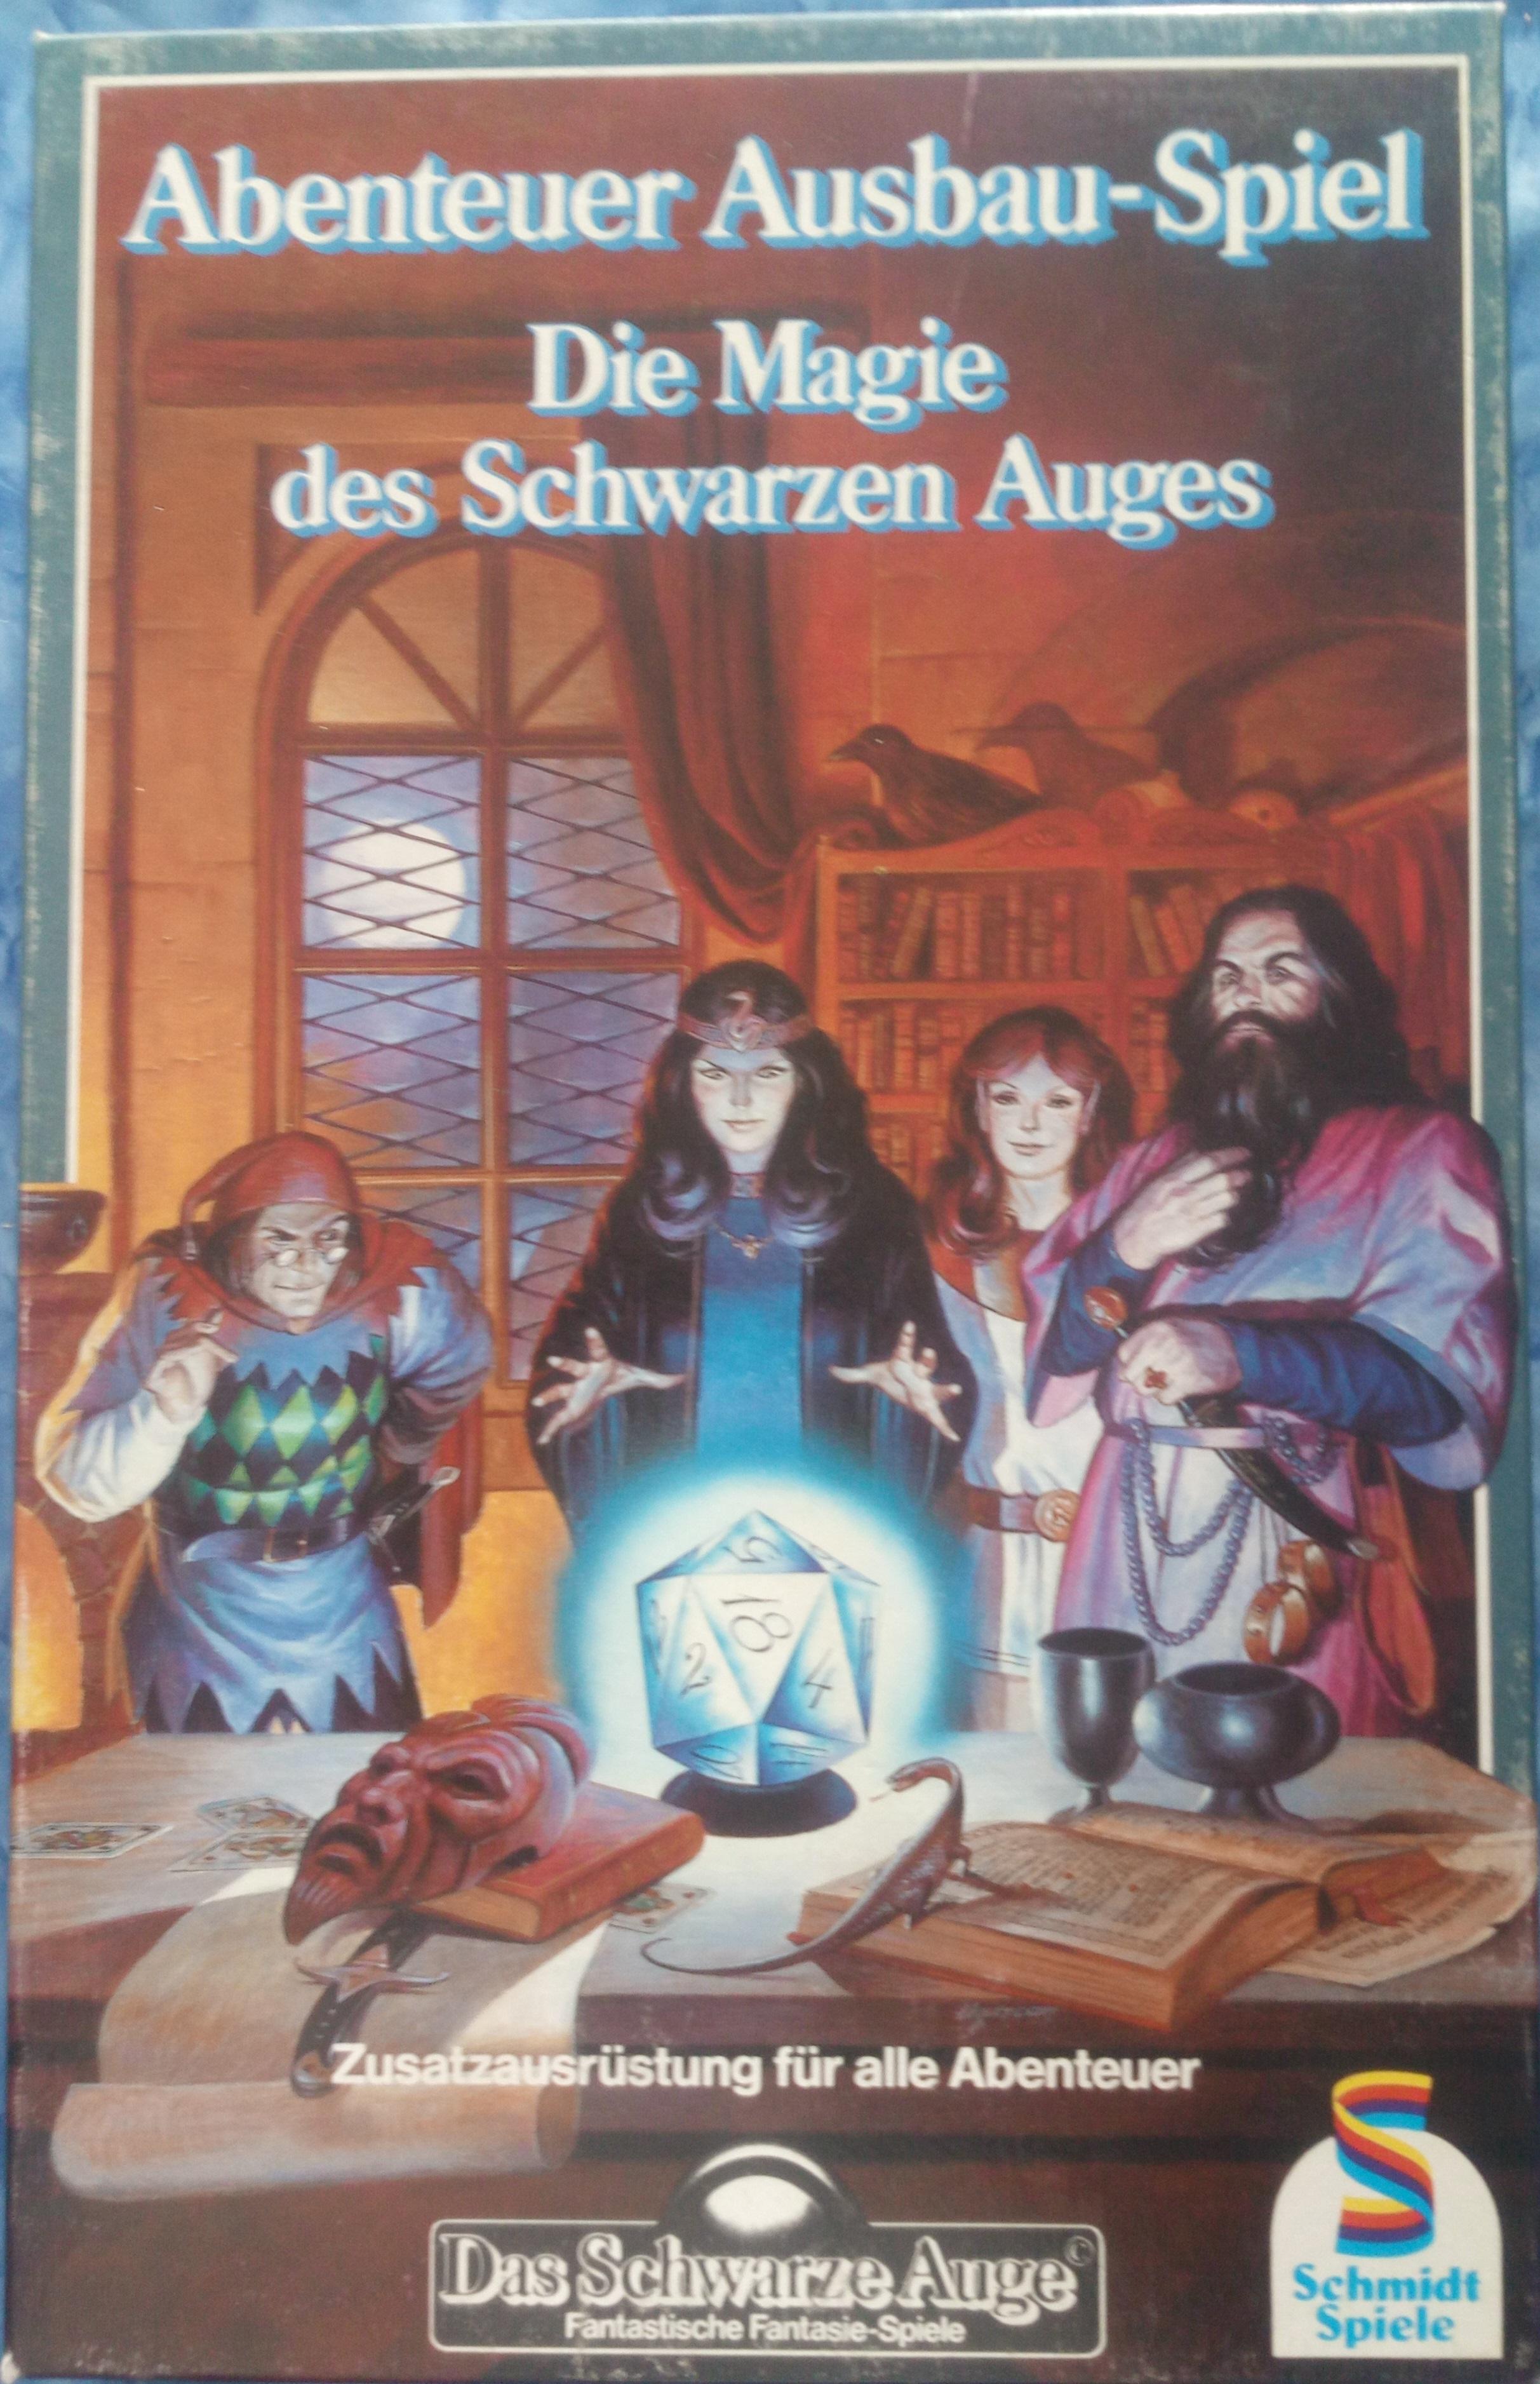 Abenteuer-Ausbauspiel: Die Magie des Schwarzen Auges